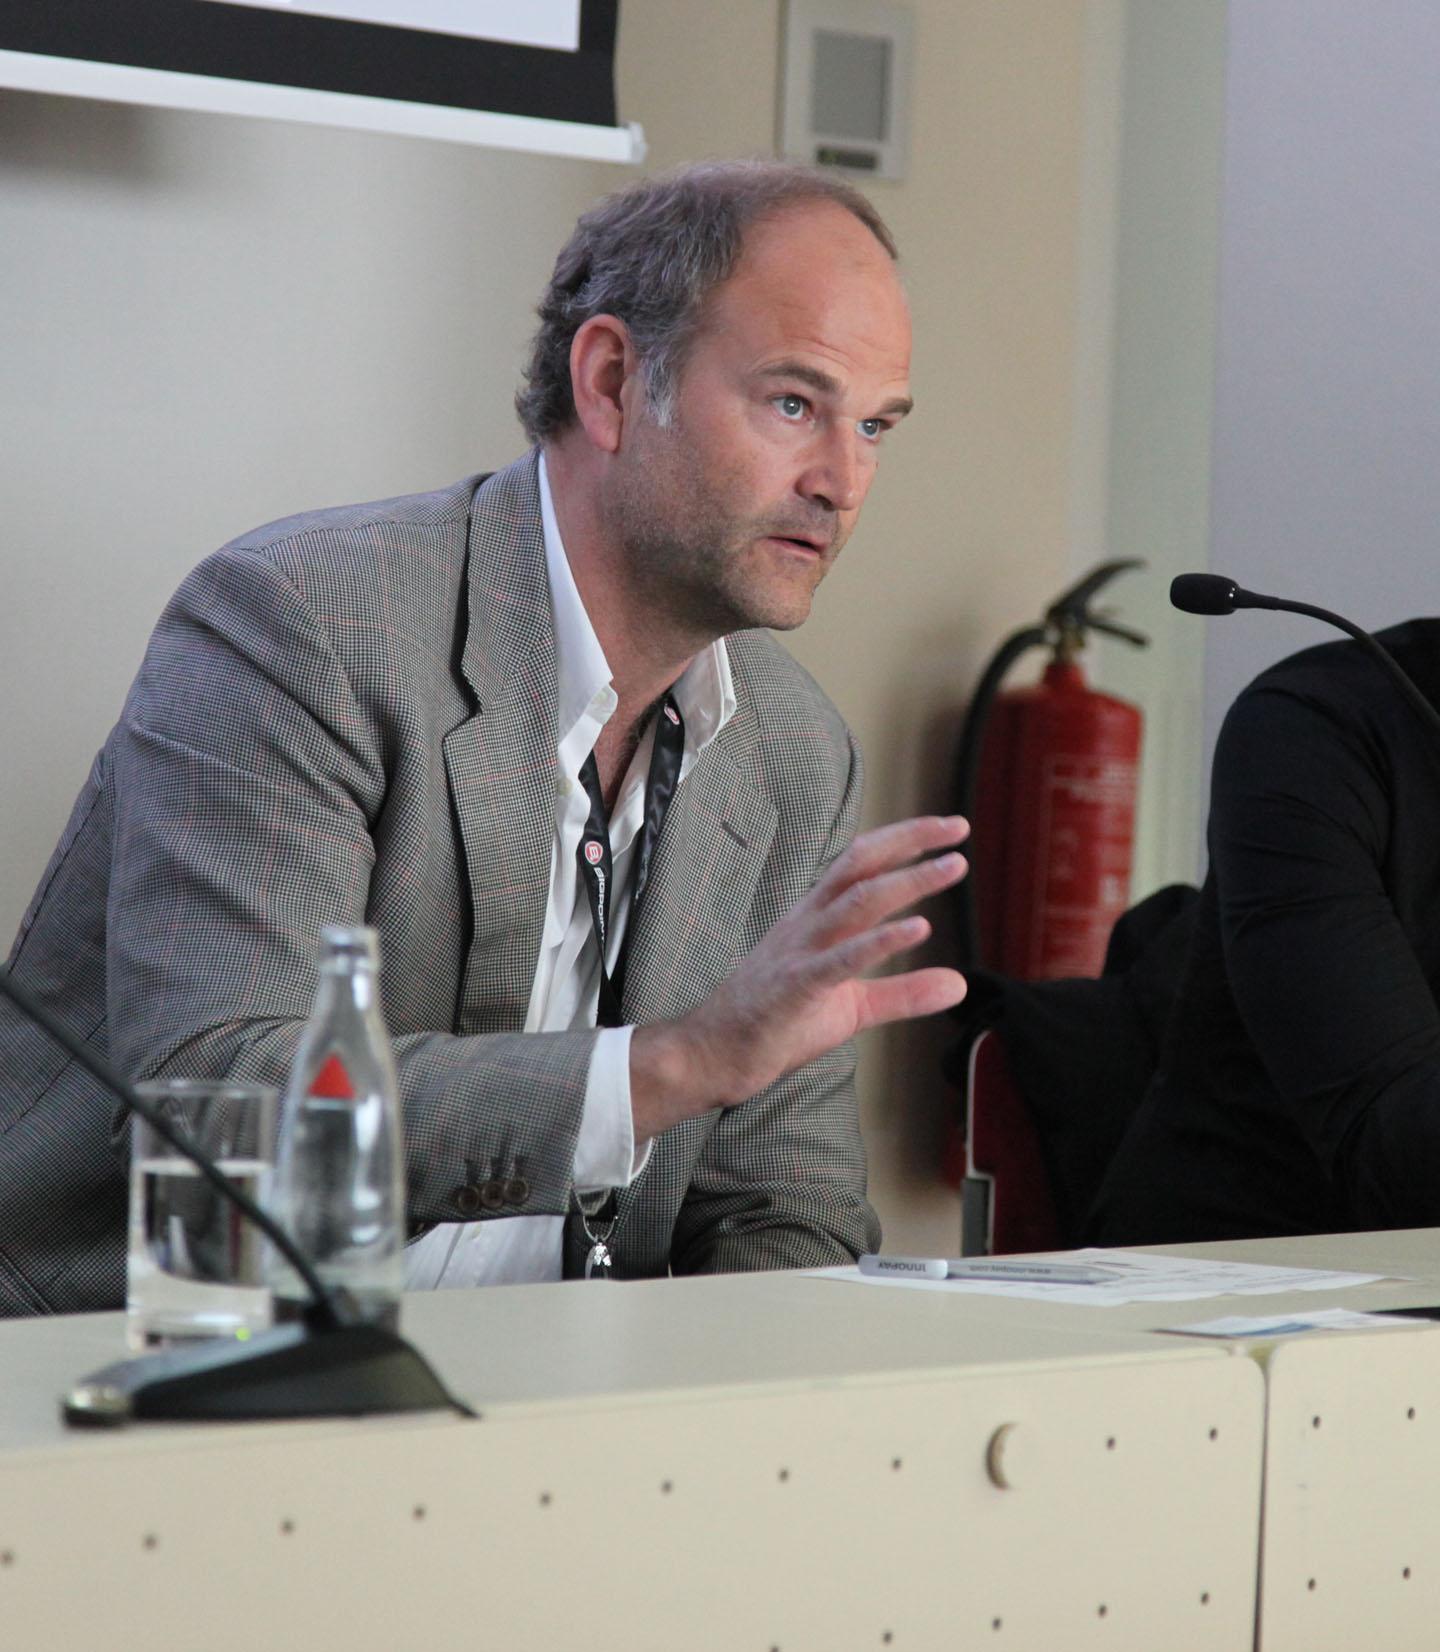 """Spielebranche: Konsolen in der Krise? - Markus Wiedemann: """"Sony sollte keinen neuen Handheld mehr herstellen."""" (Foto: mw)"""